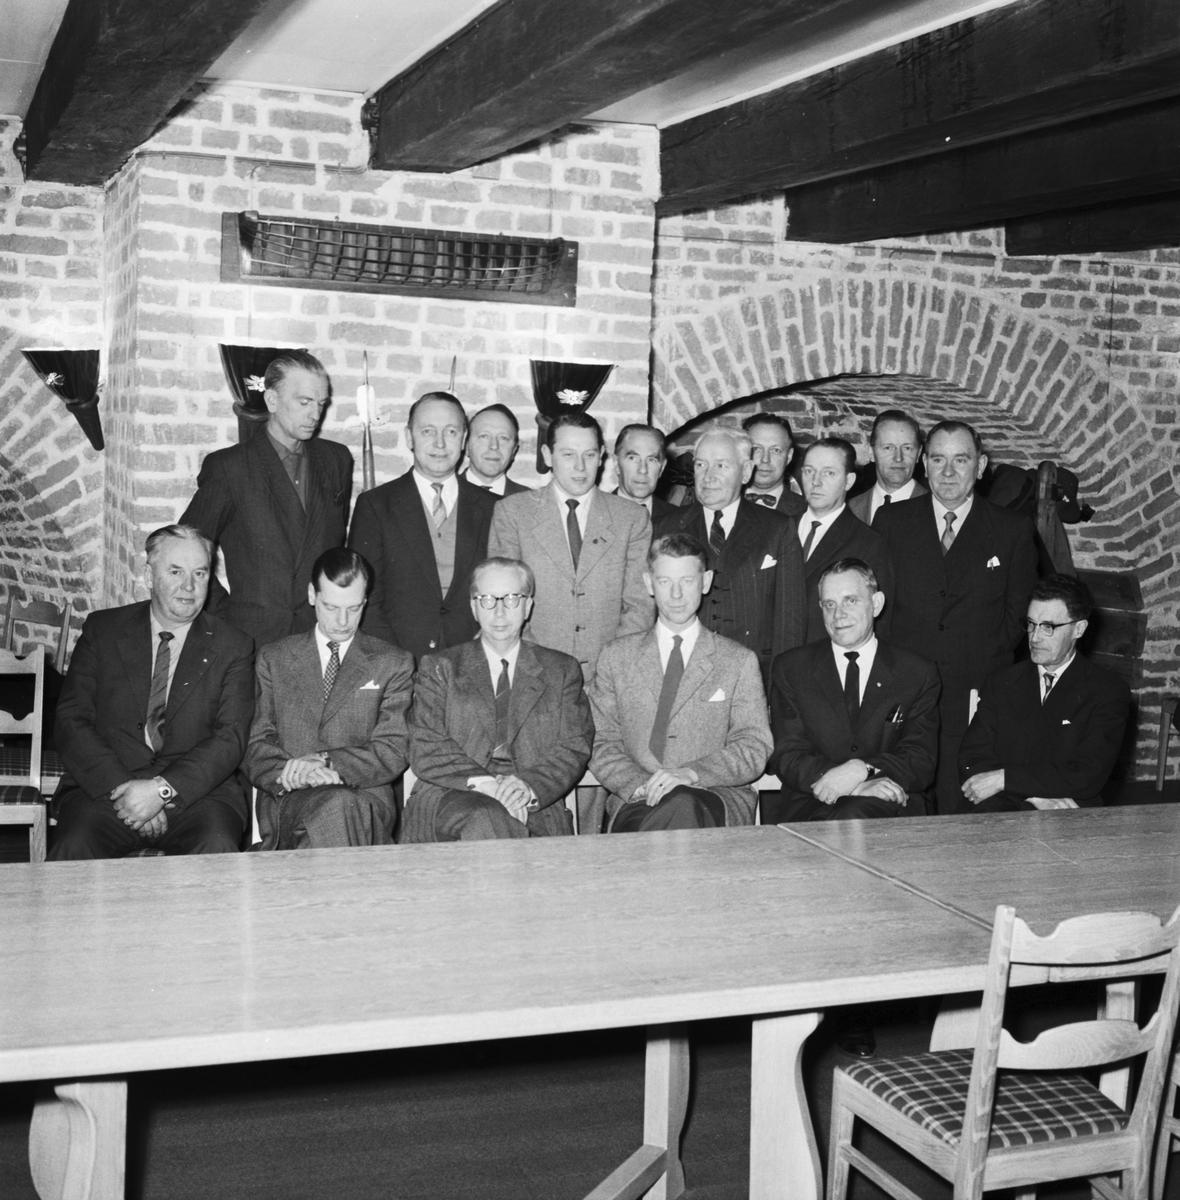 Övrigt: Foto datum: 16/12 1960 Byggnader och kranar Företagsnämden (DMV). Närmast identisk bild: V23078, ej skannad